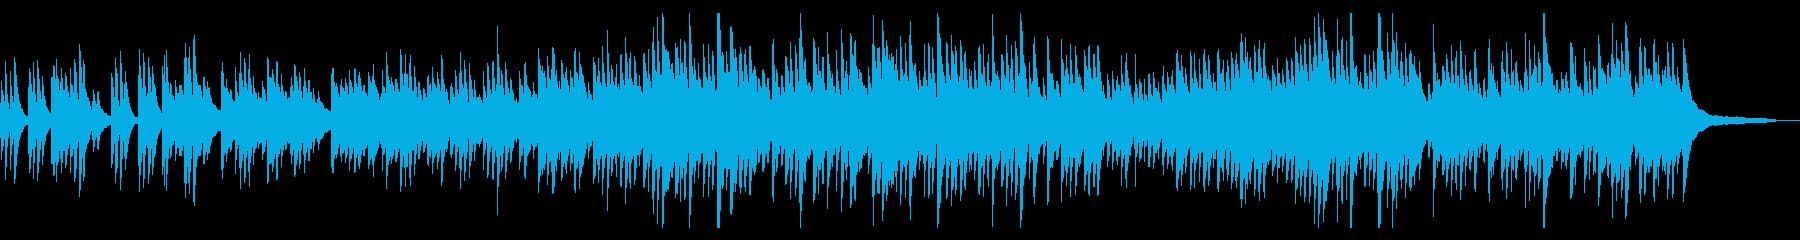 優しくふんわりとしたワルツ ピアノソロの再生済みの波形